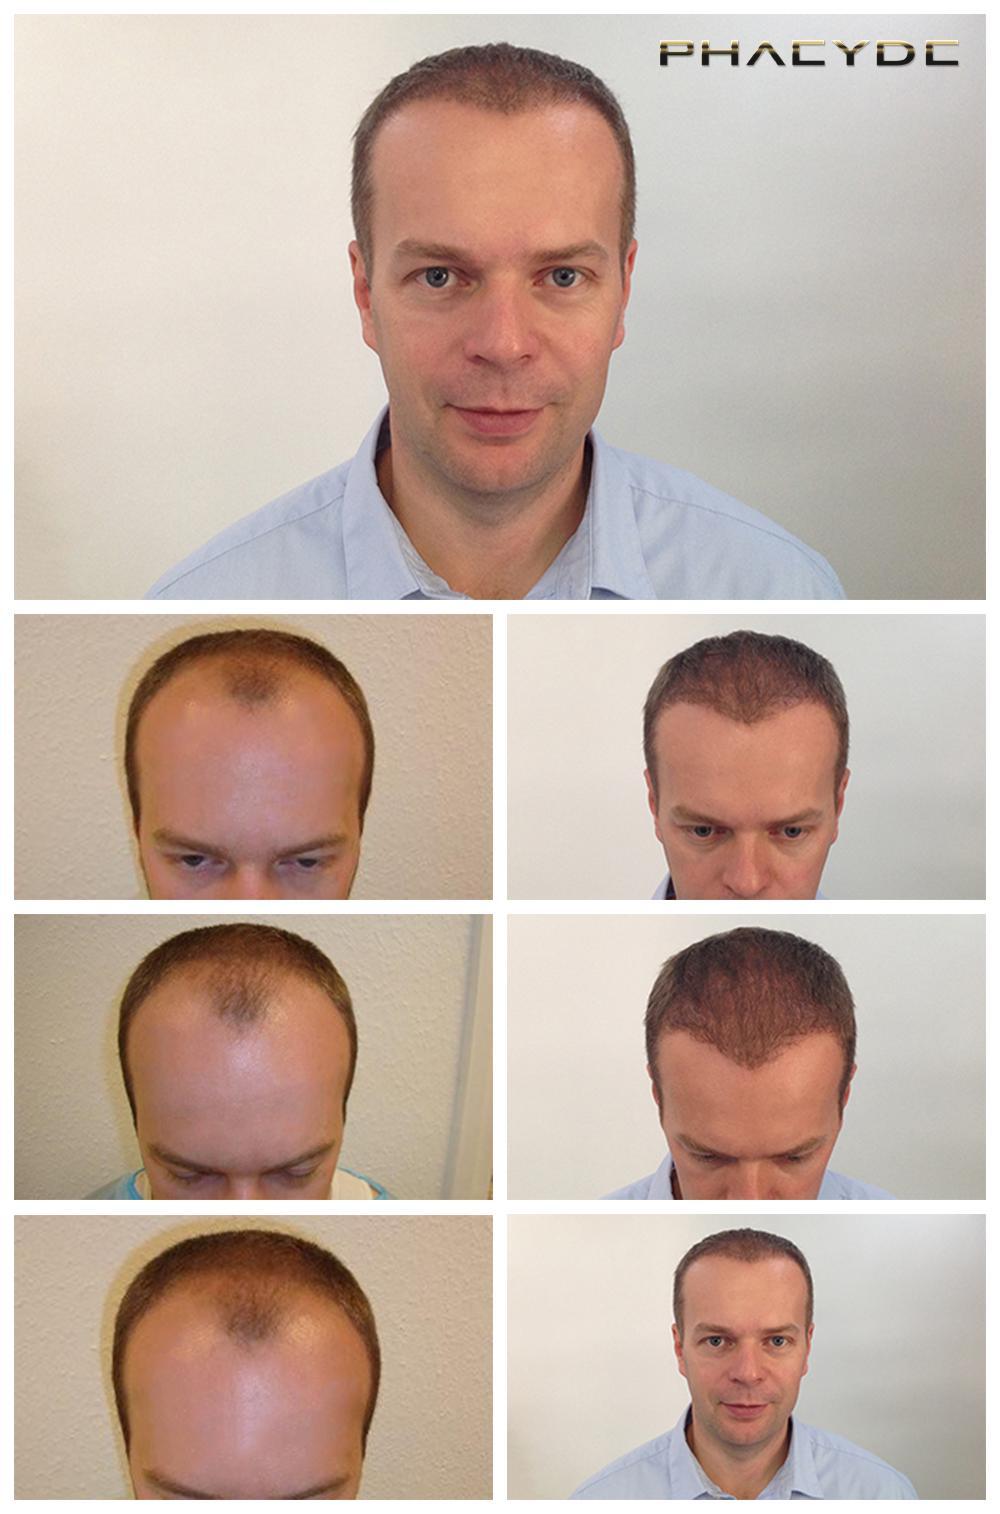 haartransplantation und haarpigmentierung bevor nachher fotos